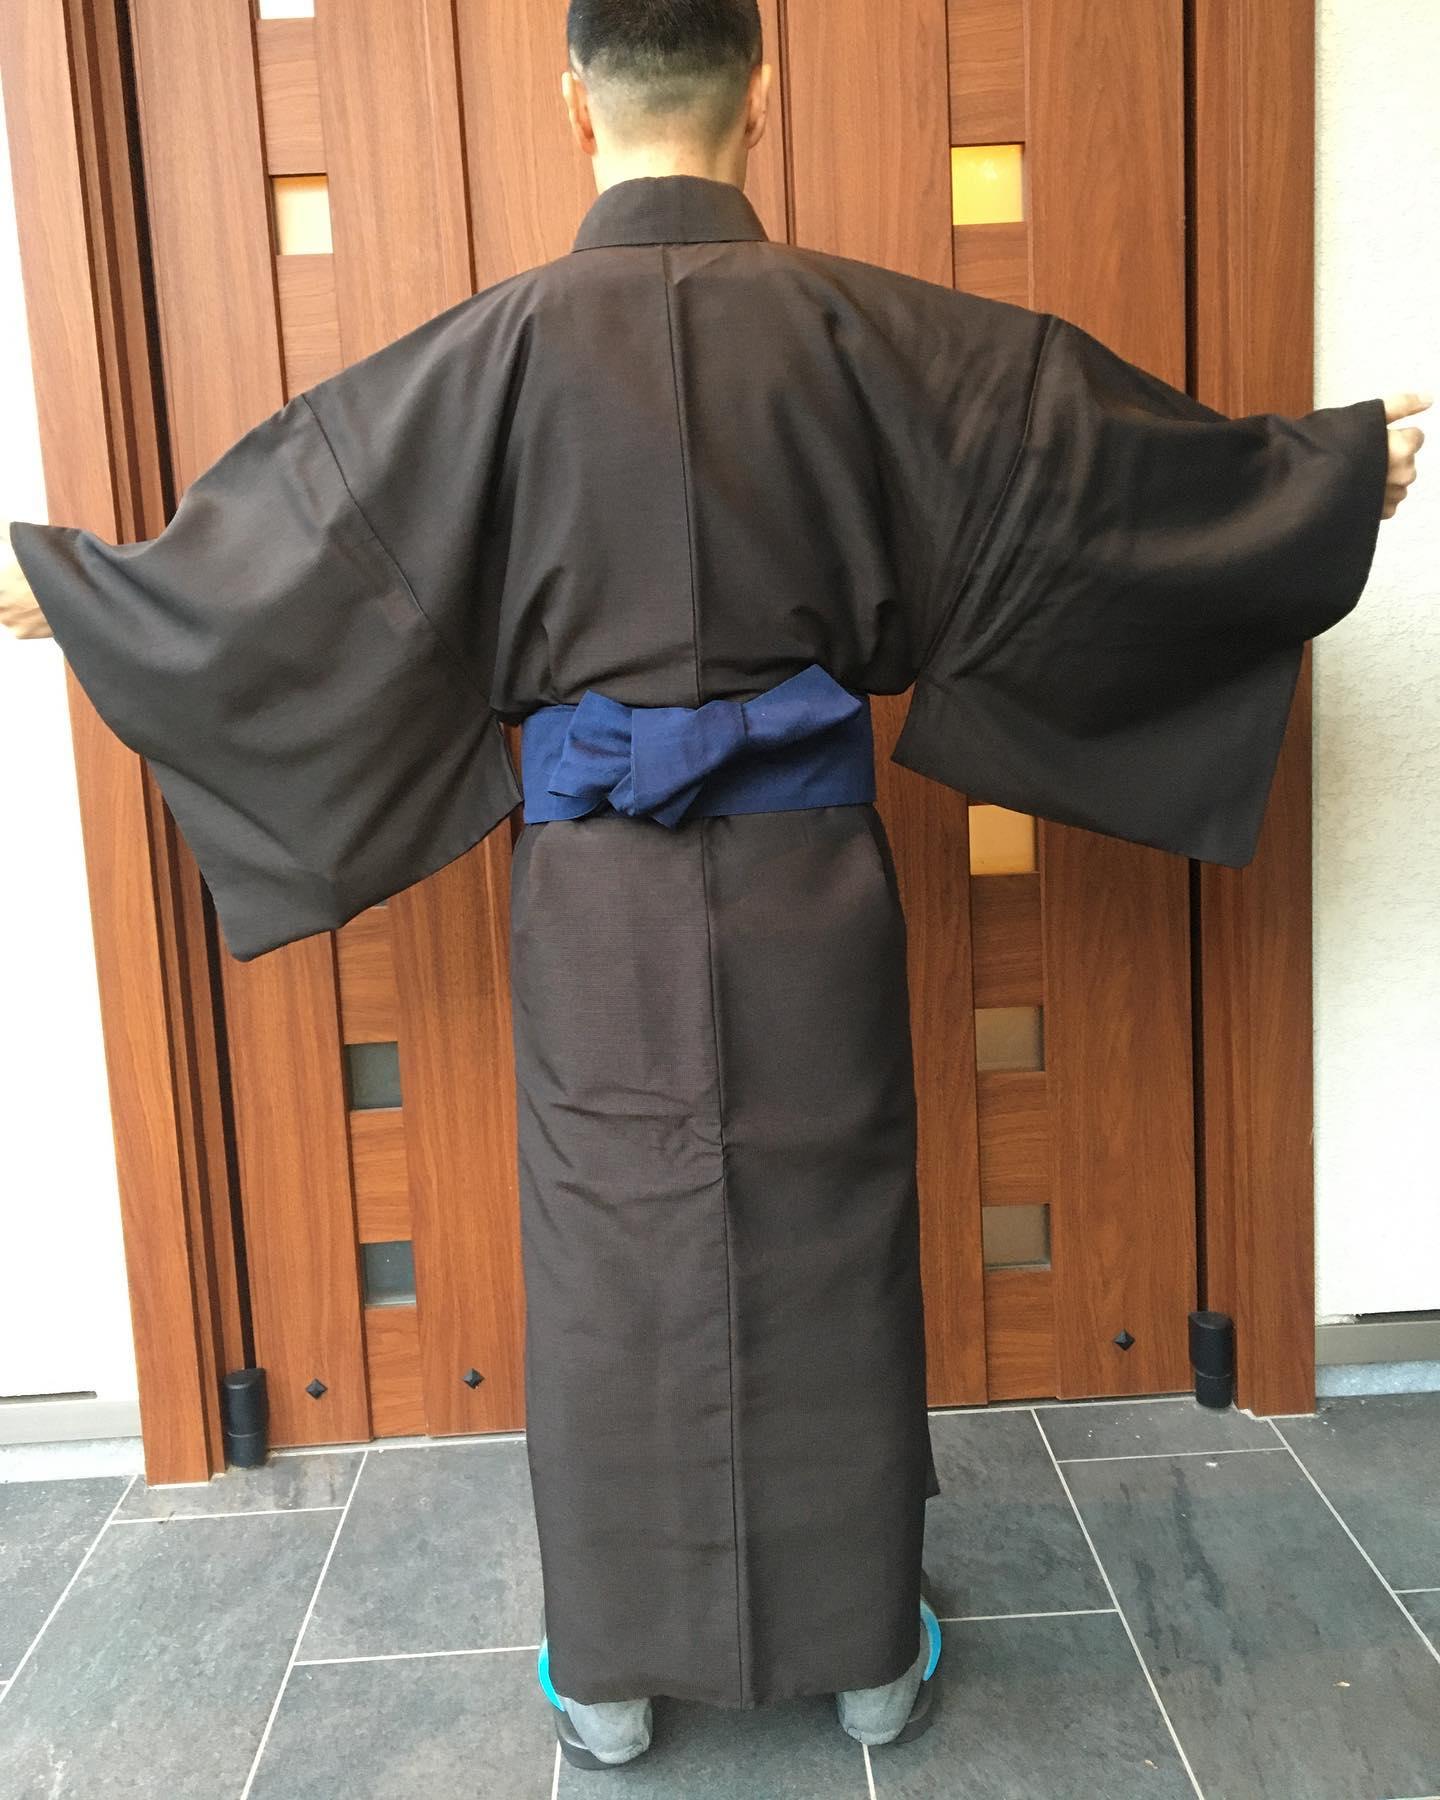 お着付け承ります..#着物#和装#男性着物 ..〠627-0004京丹後市峰山町荒山1220-1︎0772608704close:Wednesday